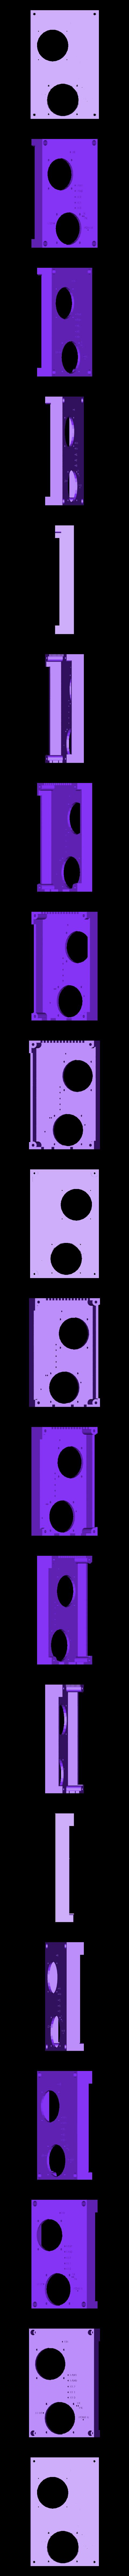 RUMBA_halterung_deckel_mit_lueftung.stl Télécharger fichier STL gratuit Etui à Rumba pour Prusa i3 Hephestos • Modèle pour imprimante 3D, Rusichar